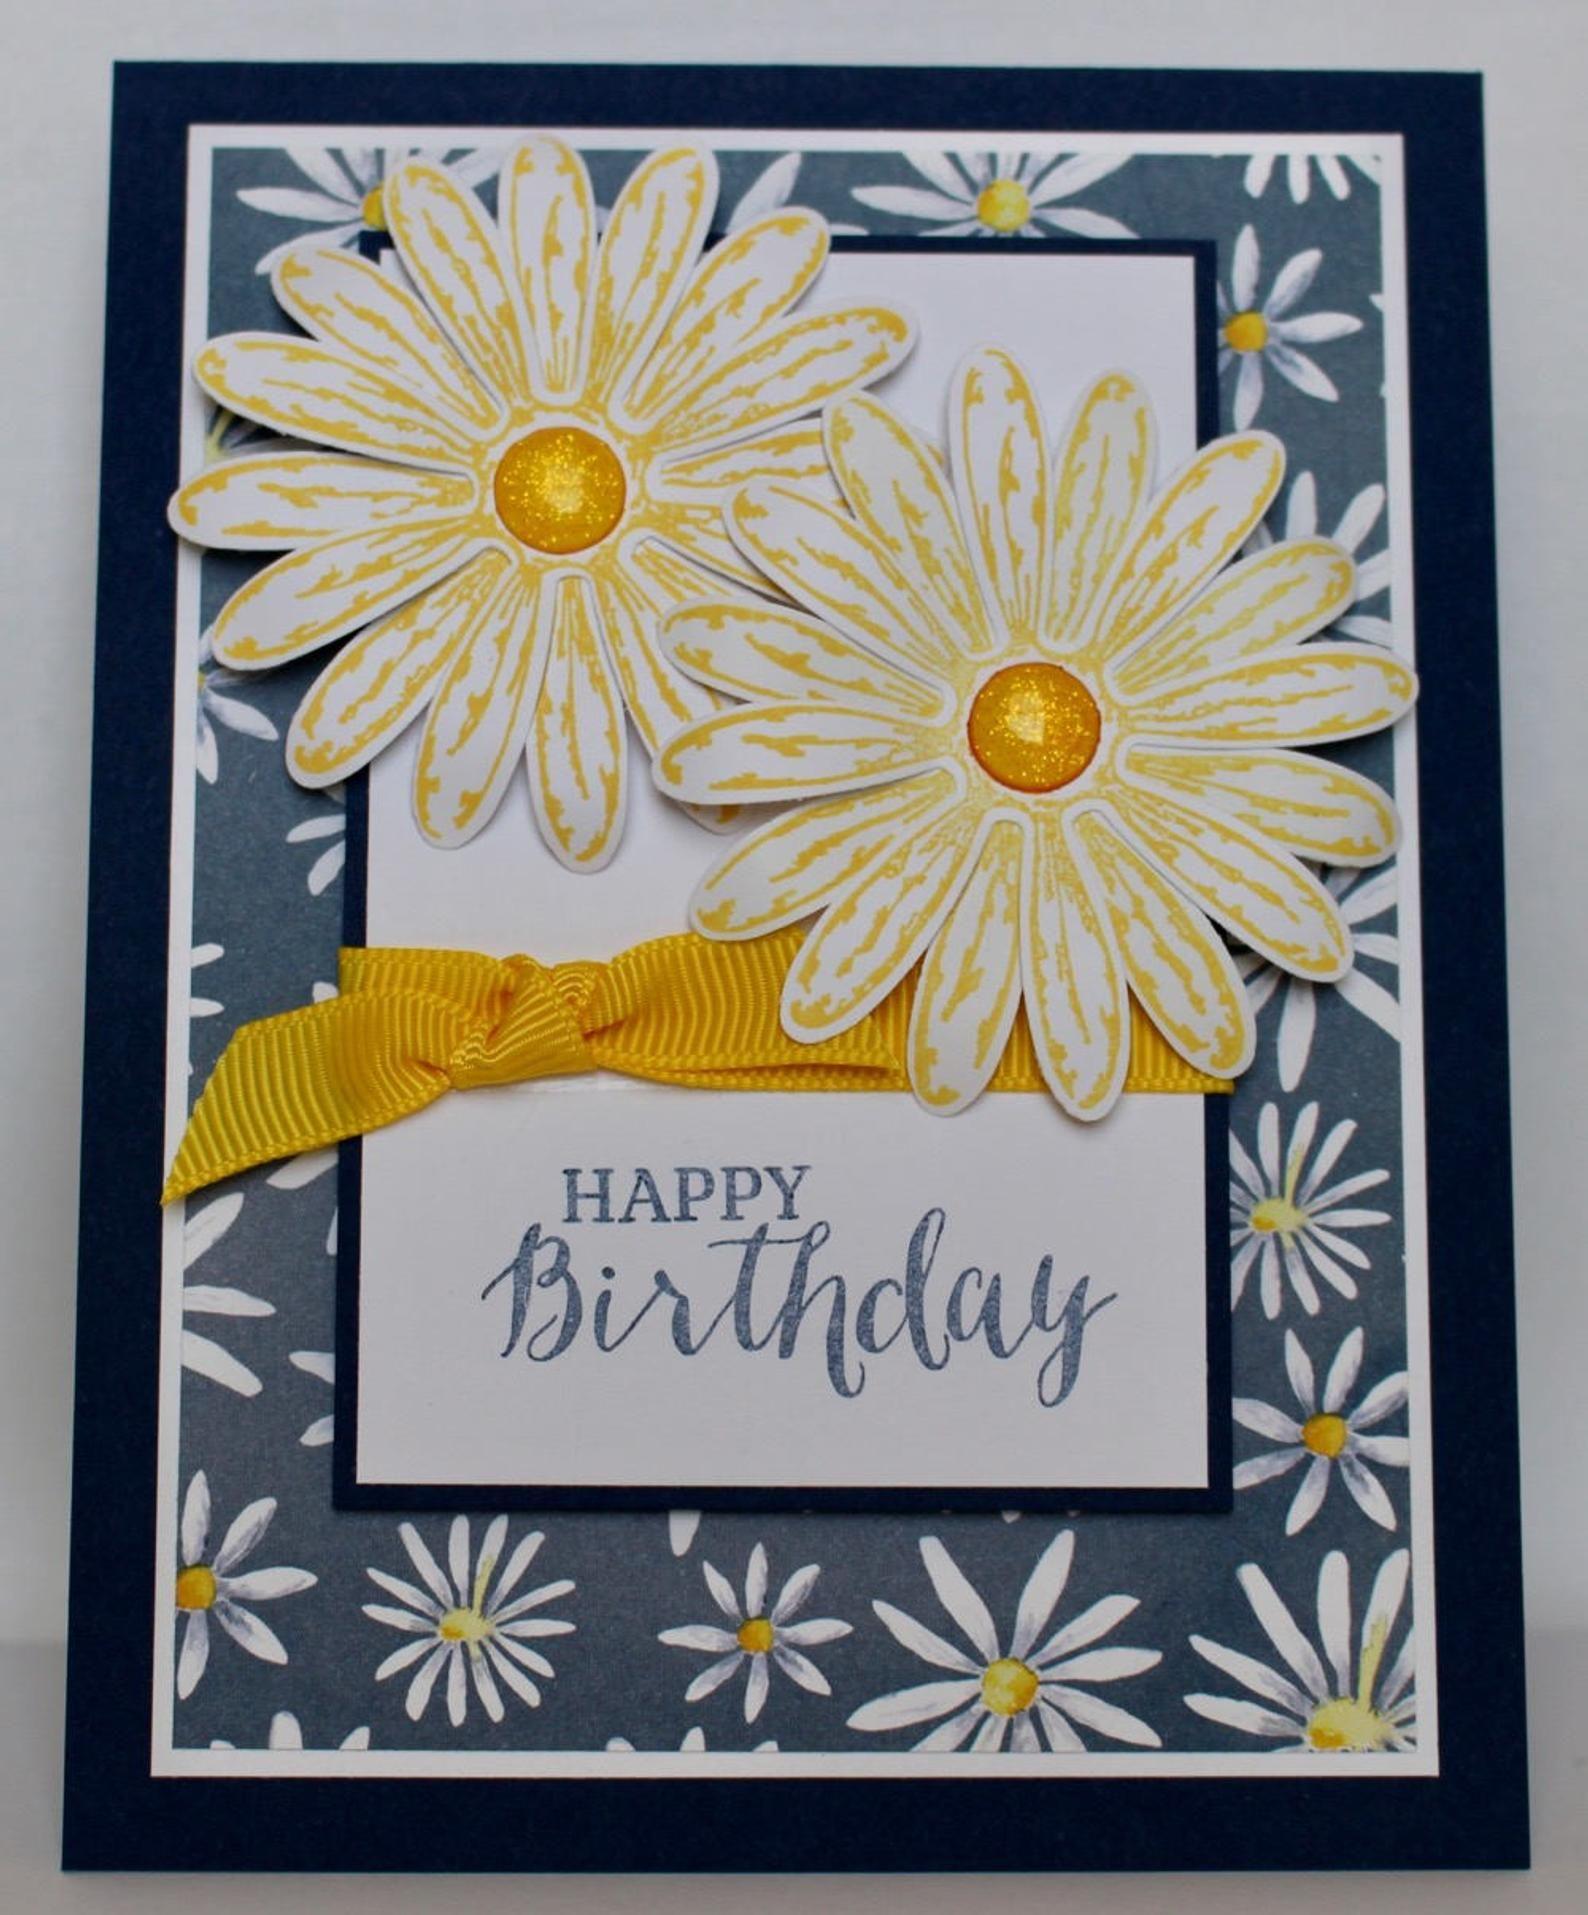 Daisy duo birthday card with yellow ribbon etsy daisy